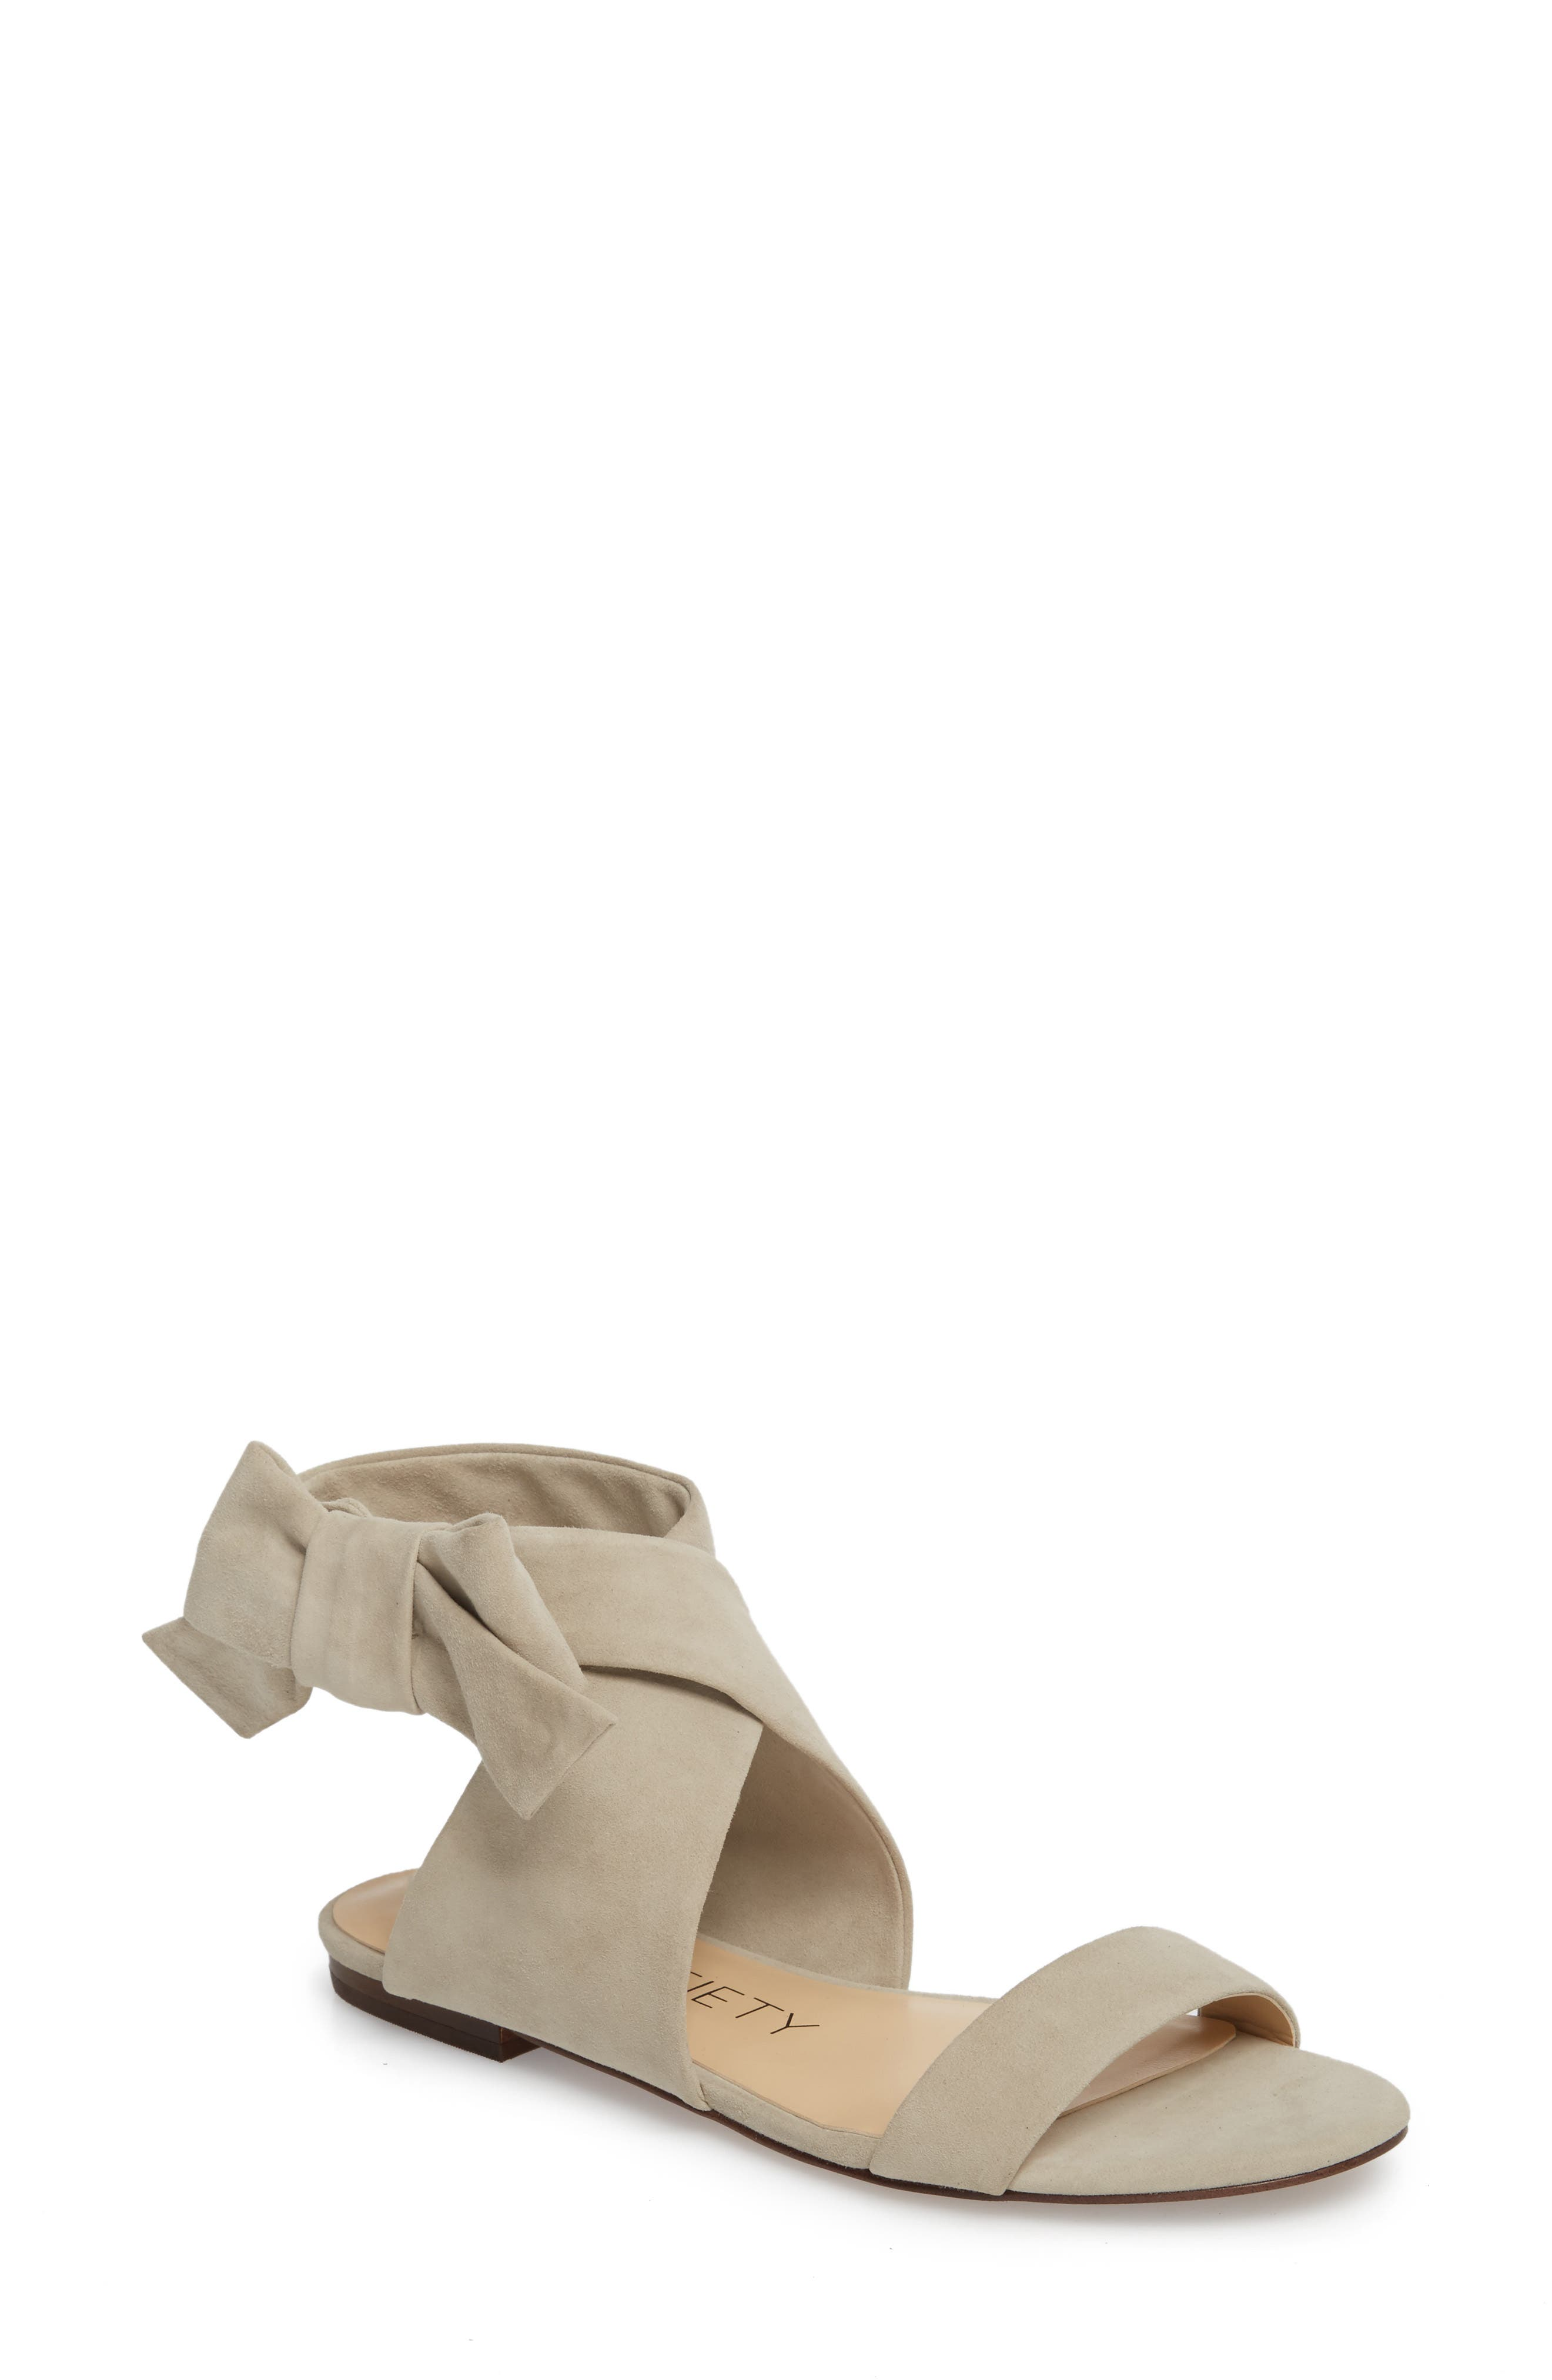 Calynda Bow Ankle Wrap Sandal,                         Main,                         color, 020